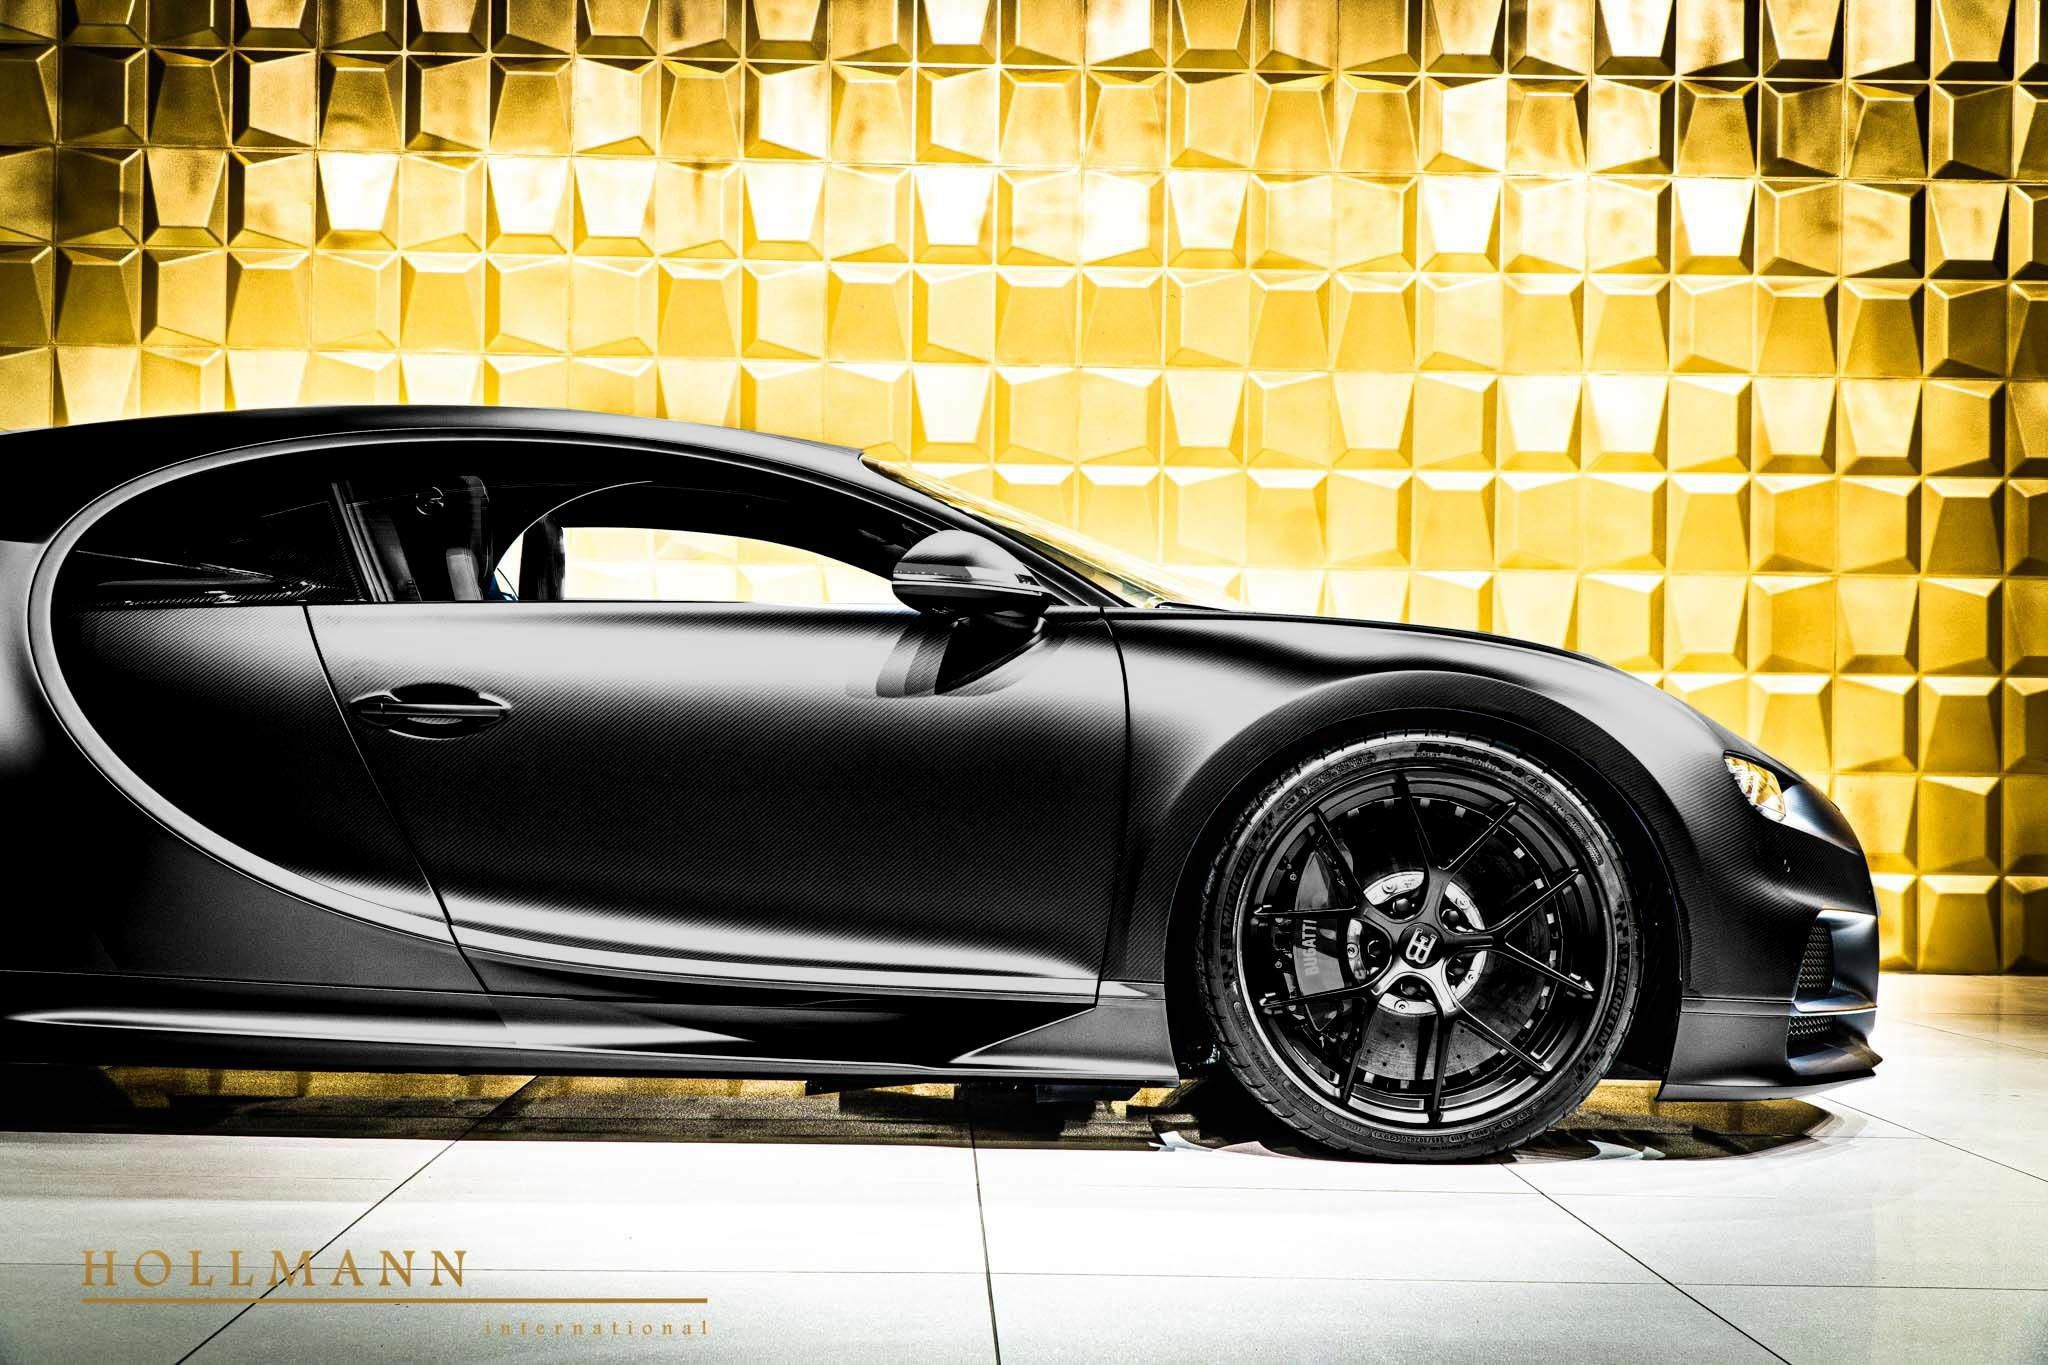 'Hàng hiếm' Bugatti Chiron Sport Noire được rao bán 102 tỷ đồng Ảnh 2